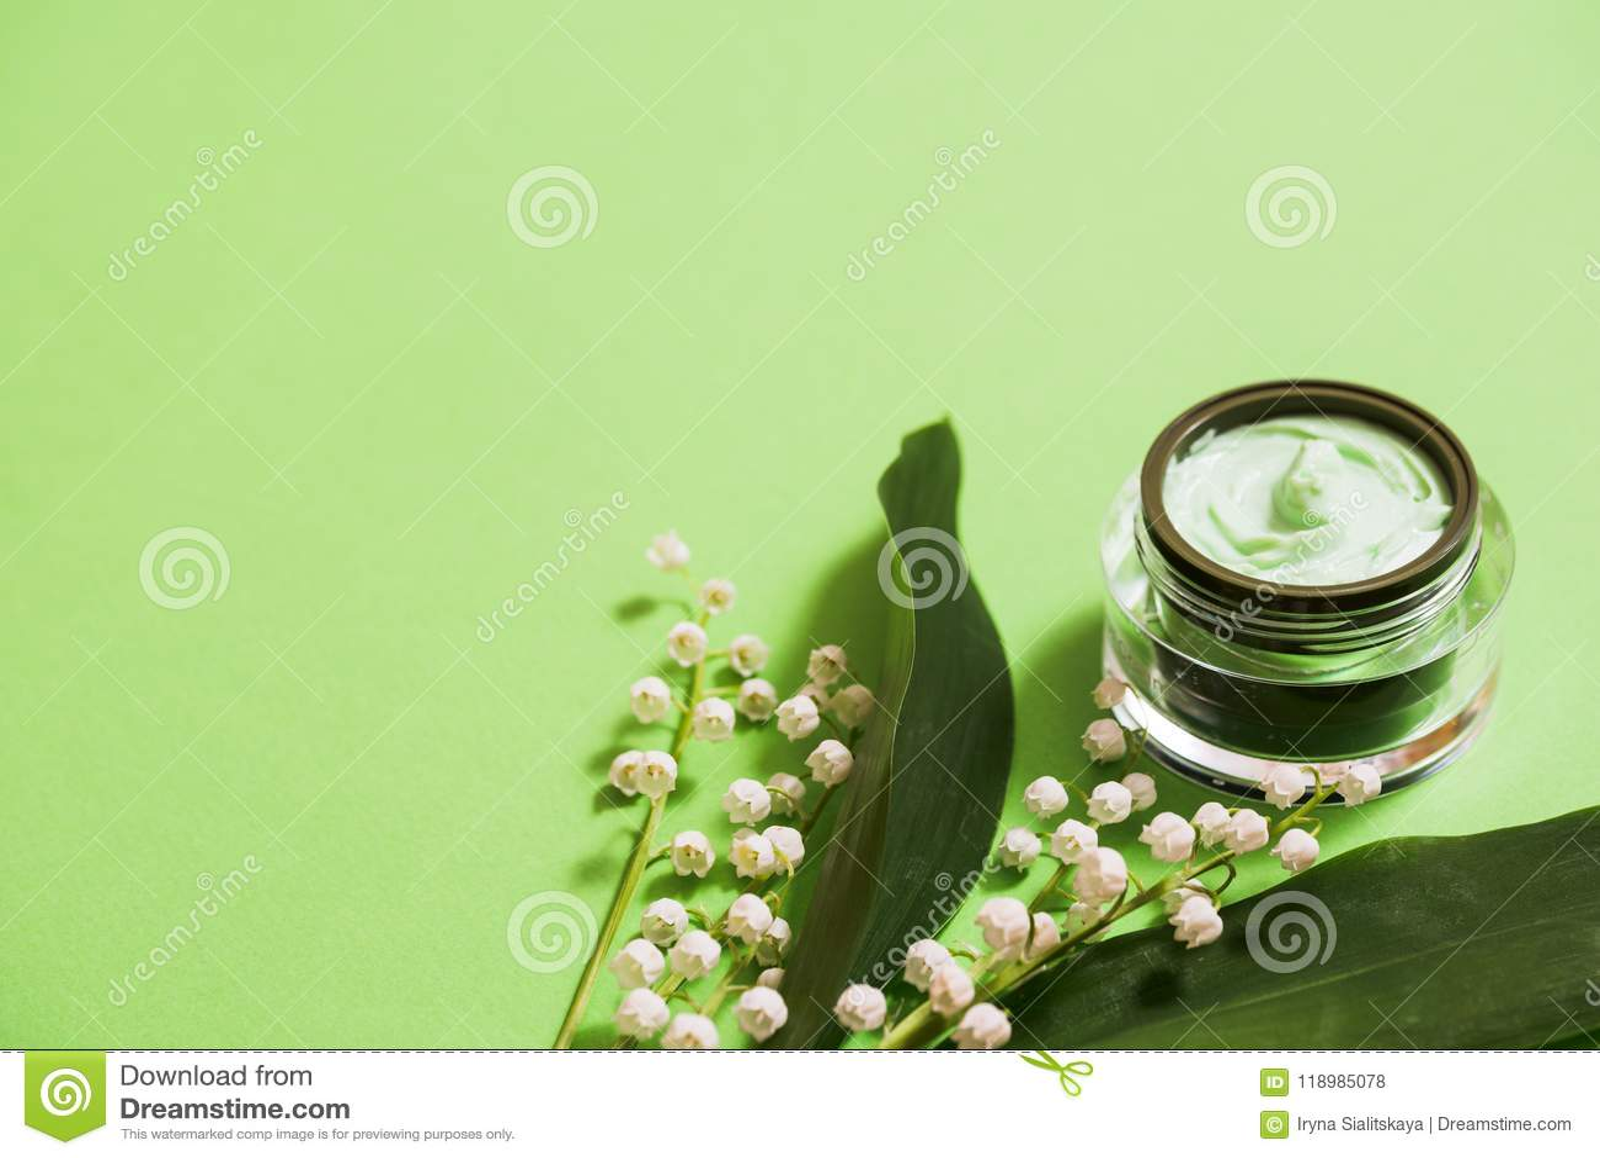 Flores cosméticas de la crema y del lirio de los valles en un fondo verde